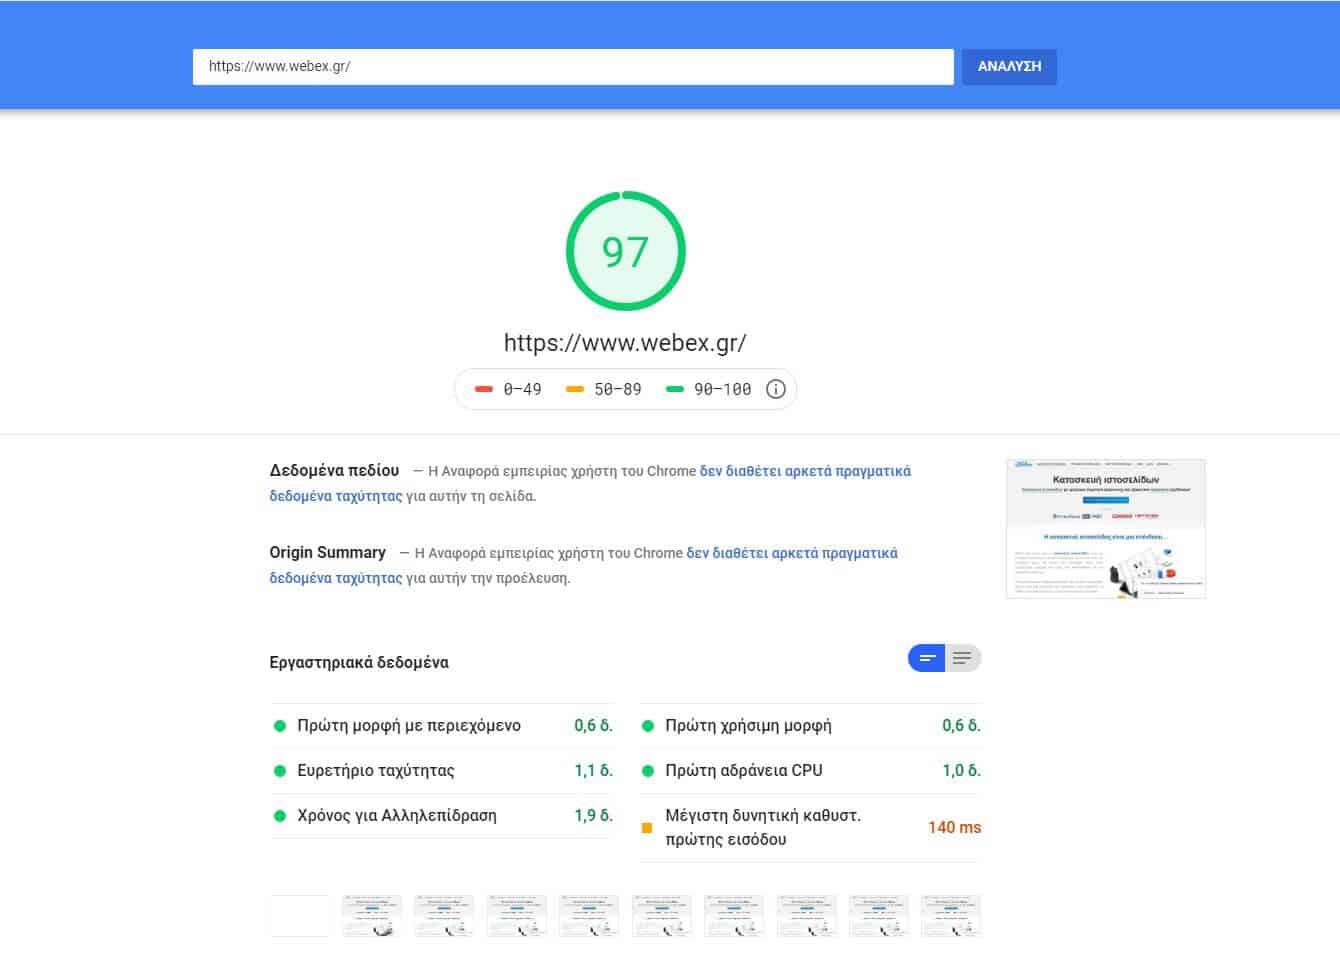 βελτιστοποίηση ταχύτητας ιστοσελίδας page Speed